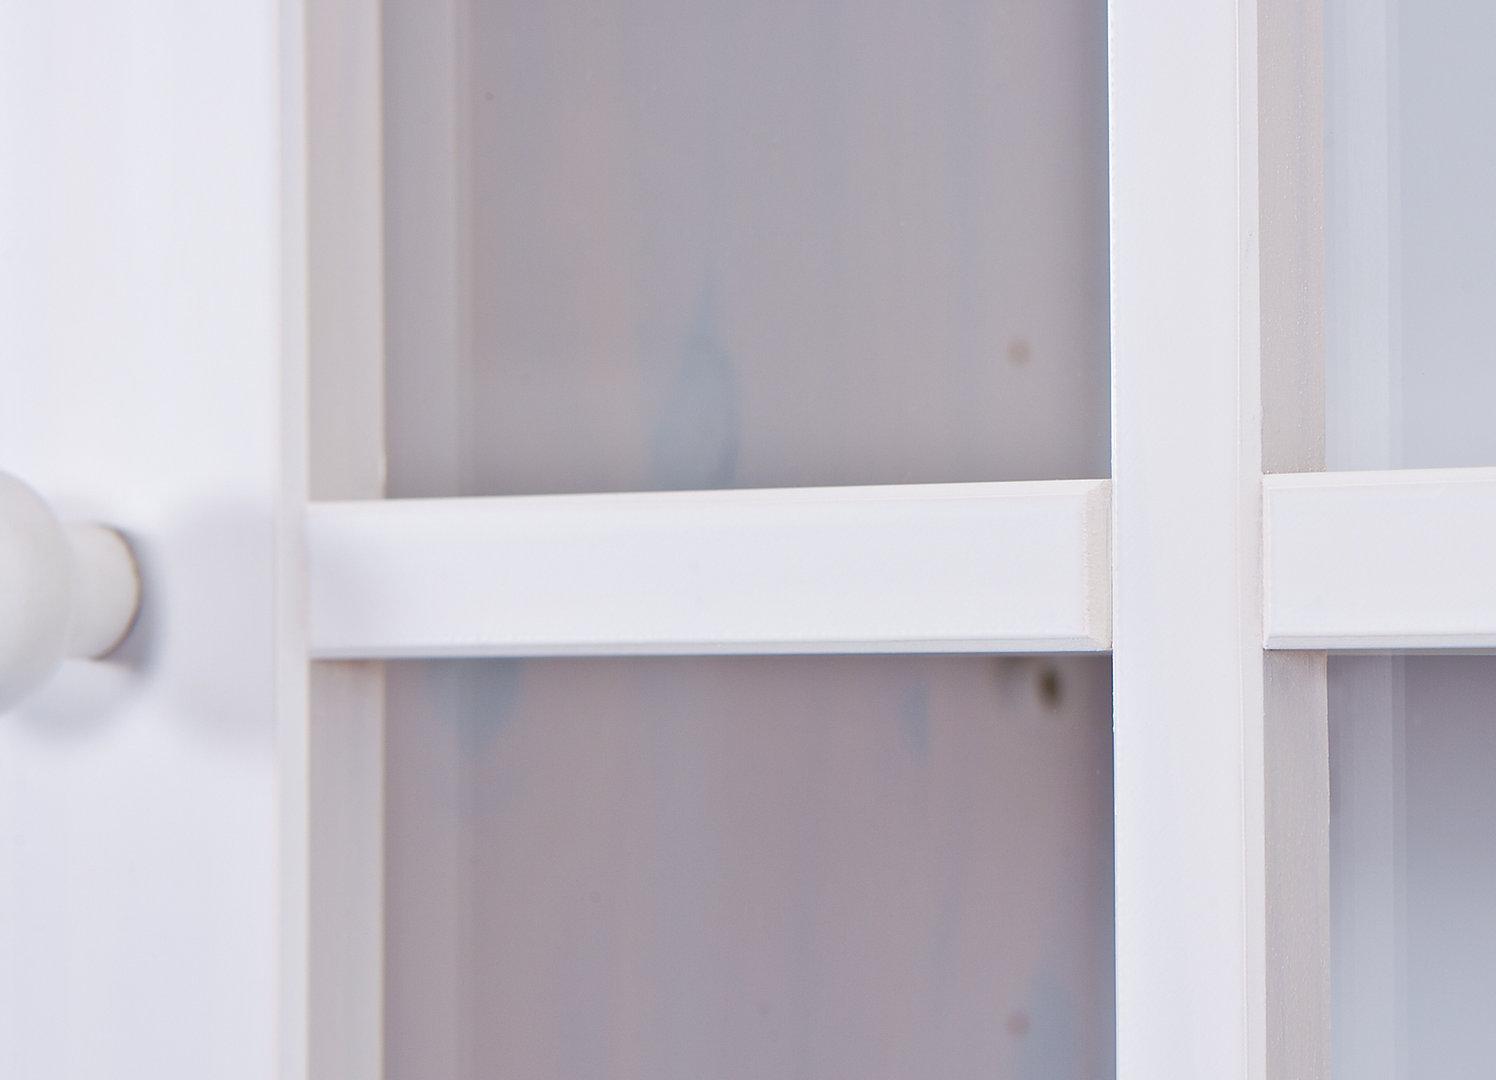 Credenza Perugia : Credenza classica perugia mobile vetrine bianco vetrina legno